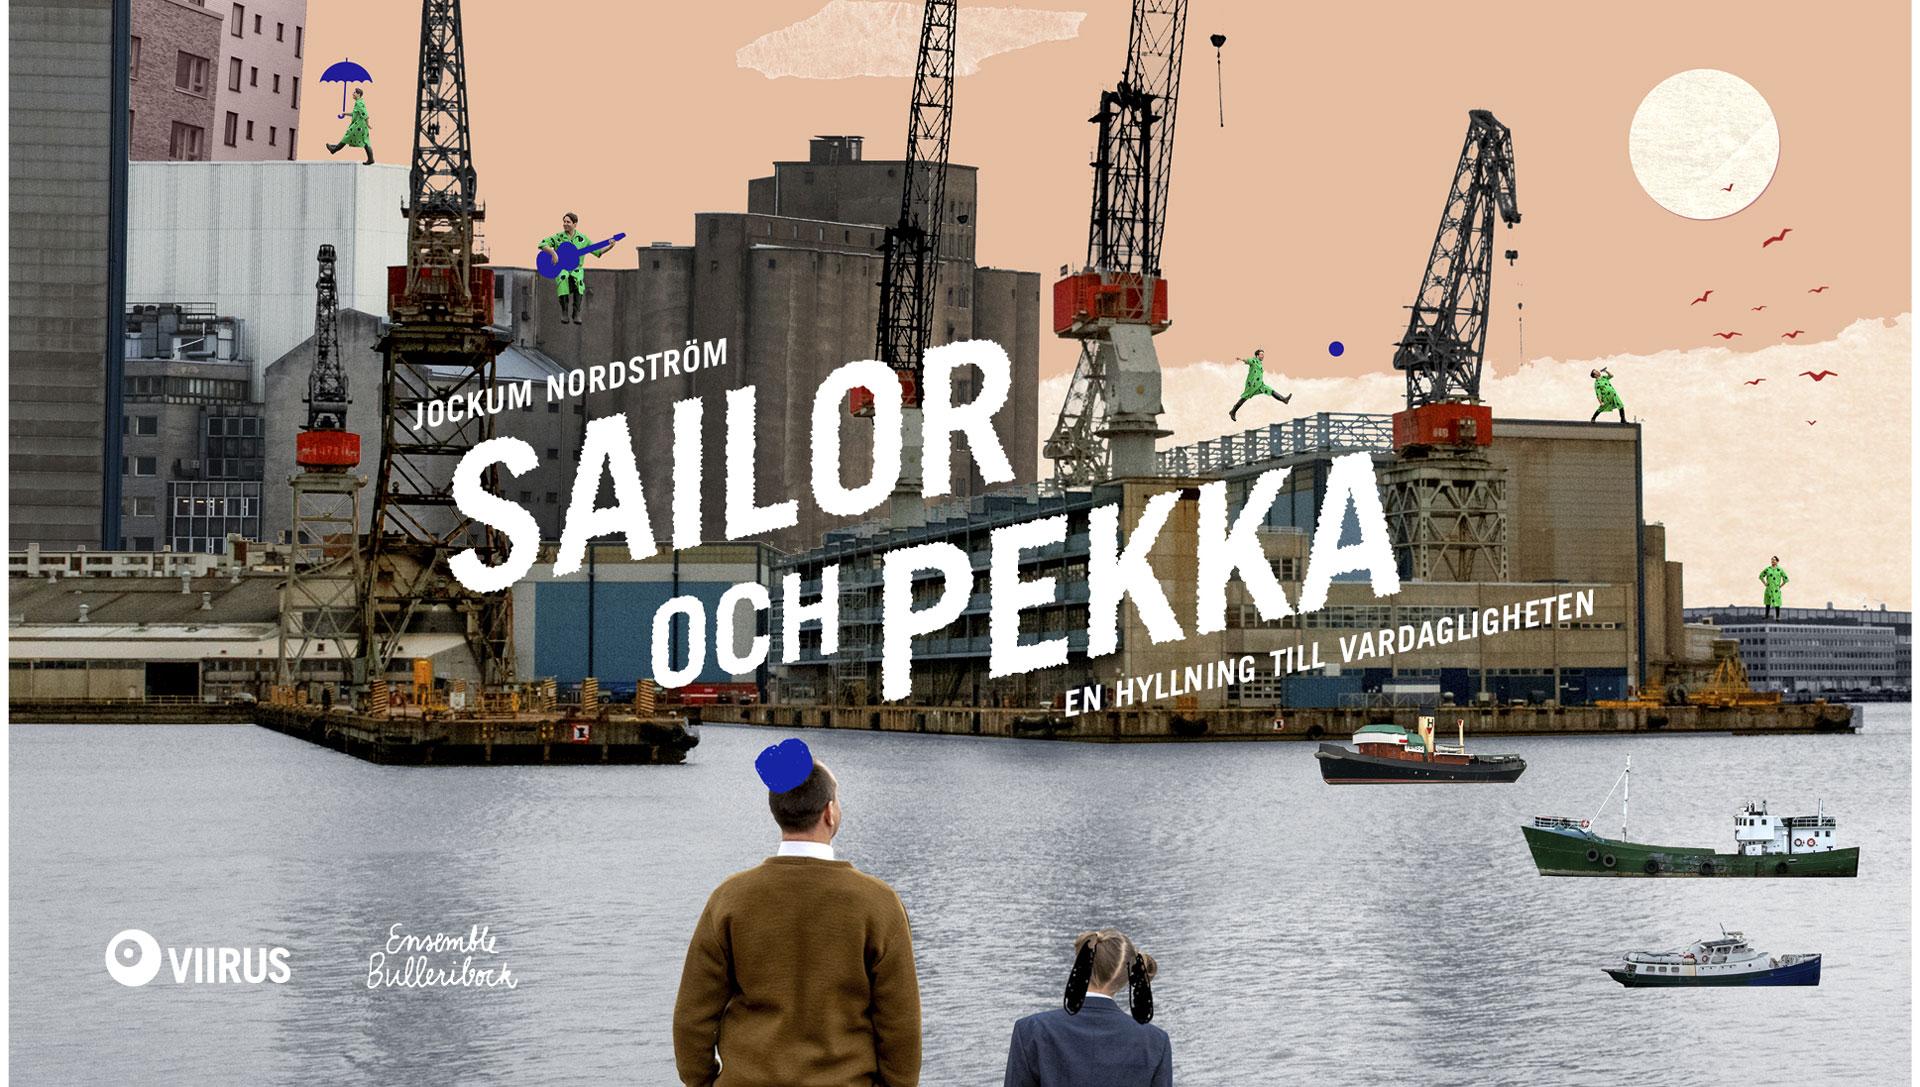 Link to event  Sailor och Pekka – ylistys arjelle